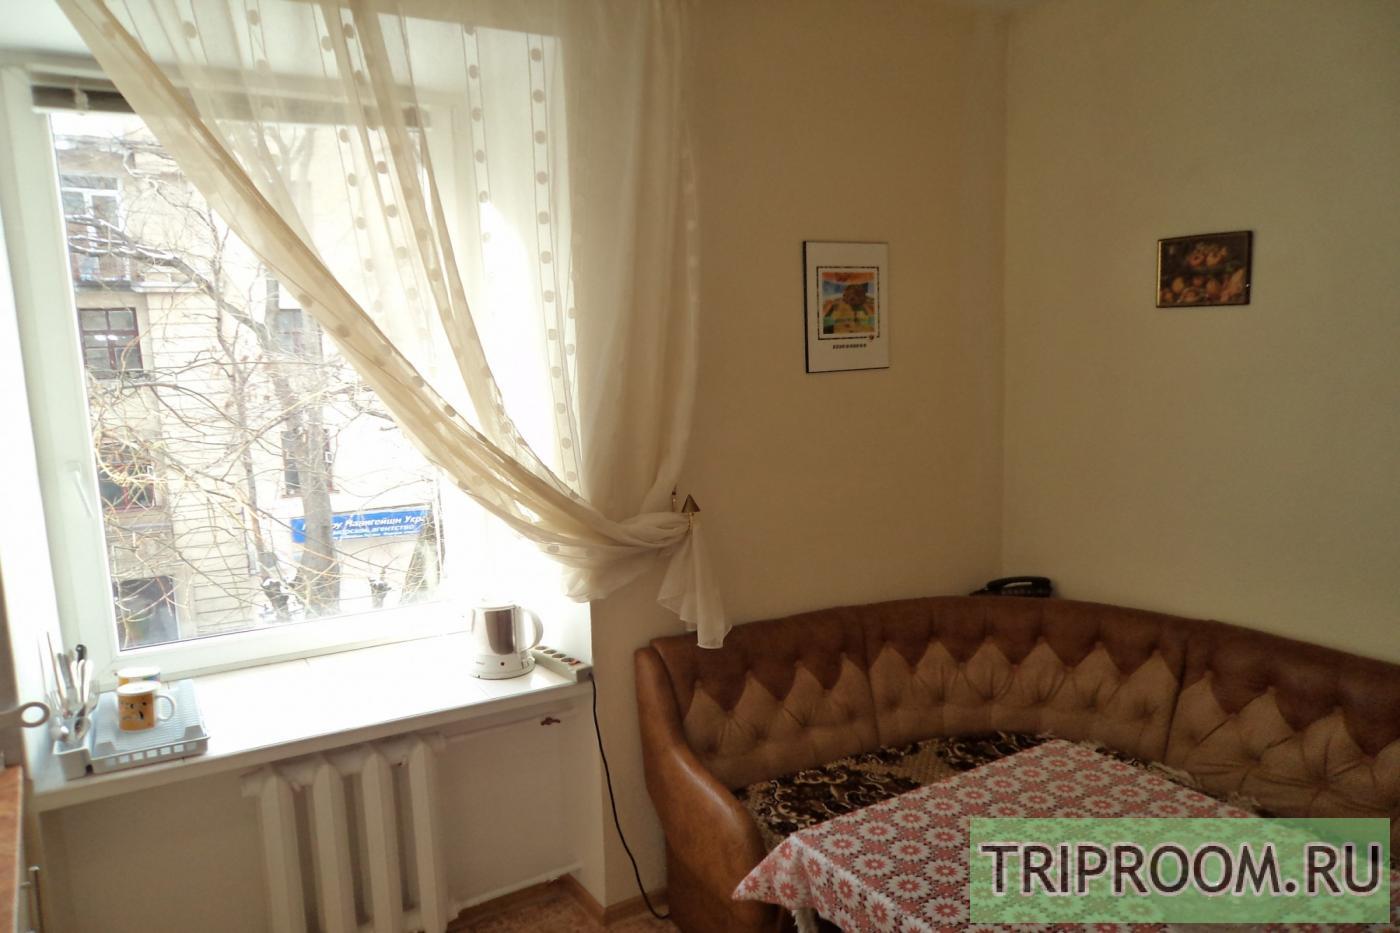 1-комнатная квартира посуточно (вариант № 23823), ул. БОльшая Морская улица, фото № 7